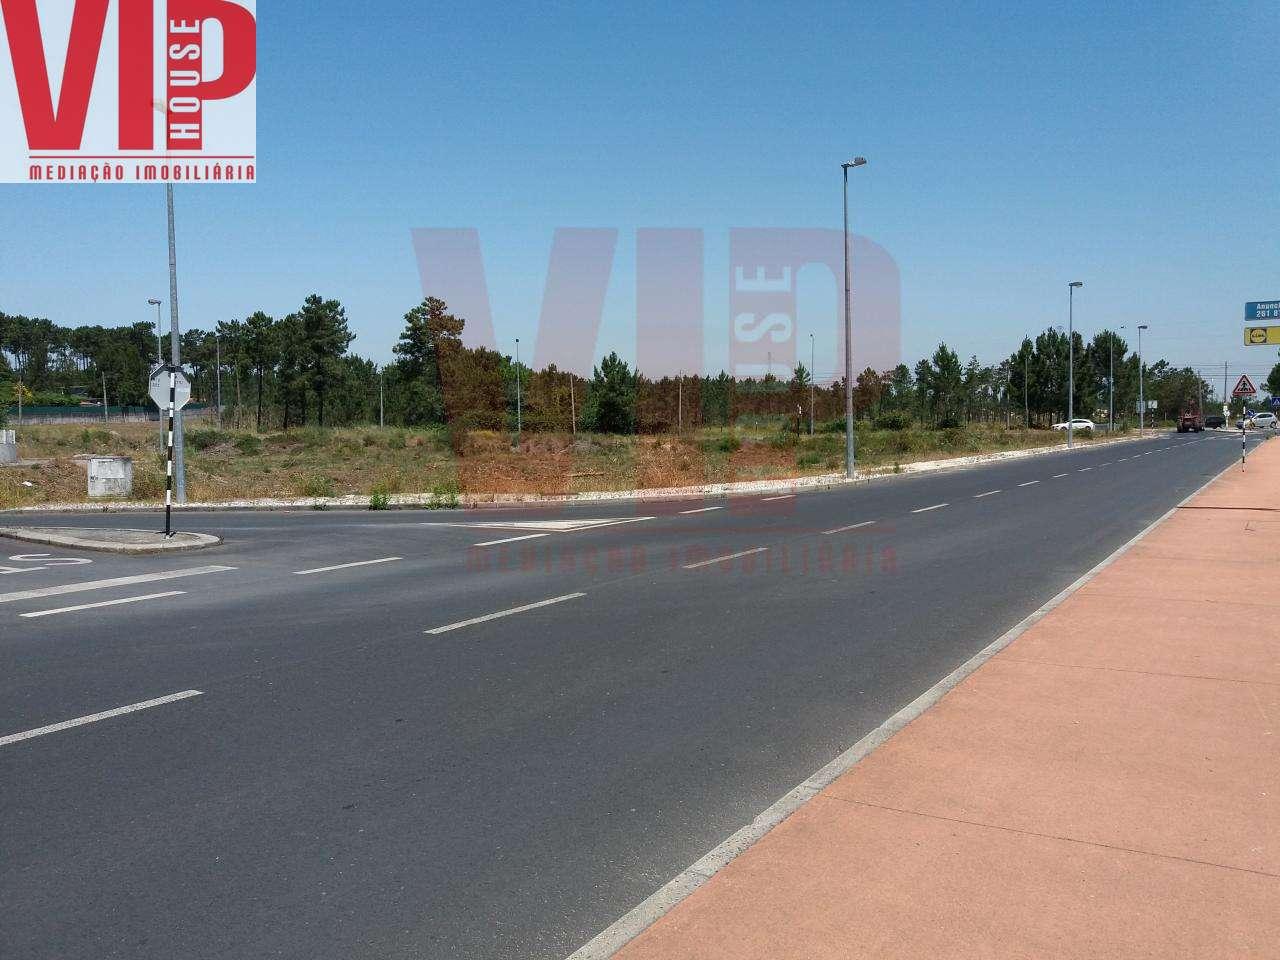 Terreno para comprar, Corroios, Seixal, Setúbal - Foto 5